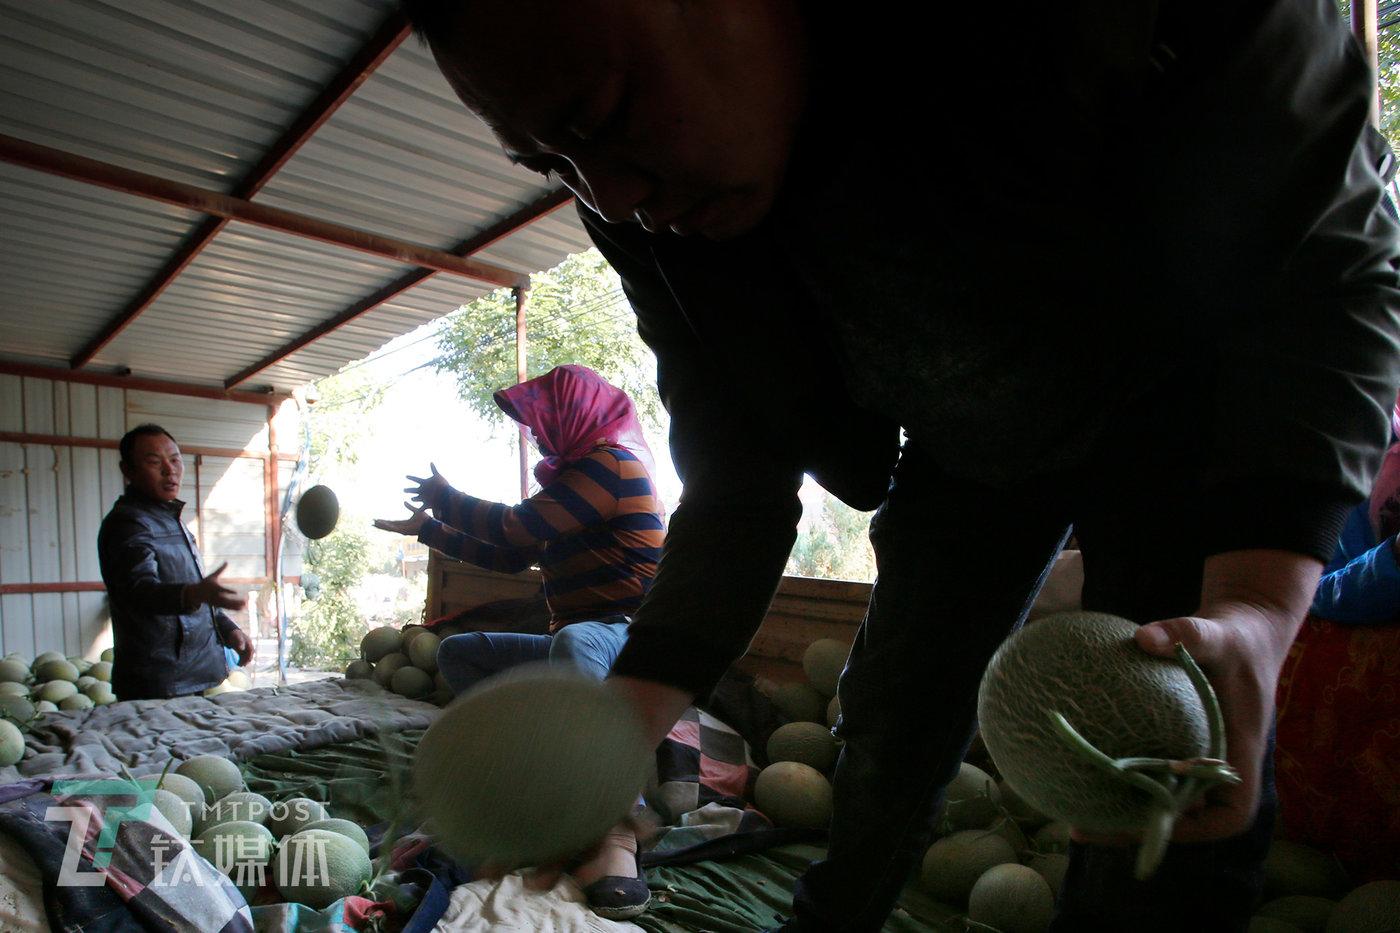 跟在瓜地摘瓜装车一样,卸瓜也要一个个经手。水果商(右)要一个个筛选,把一些不合格的瓜挑出来。